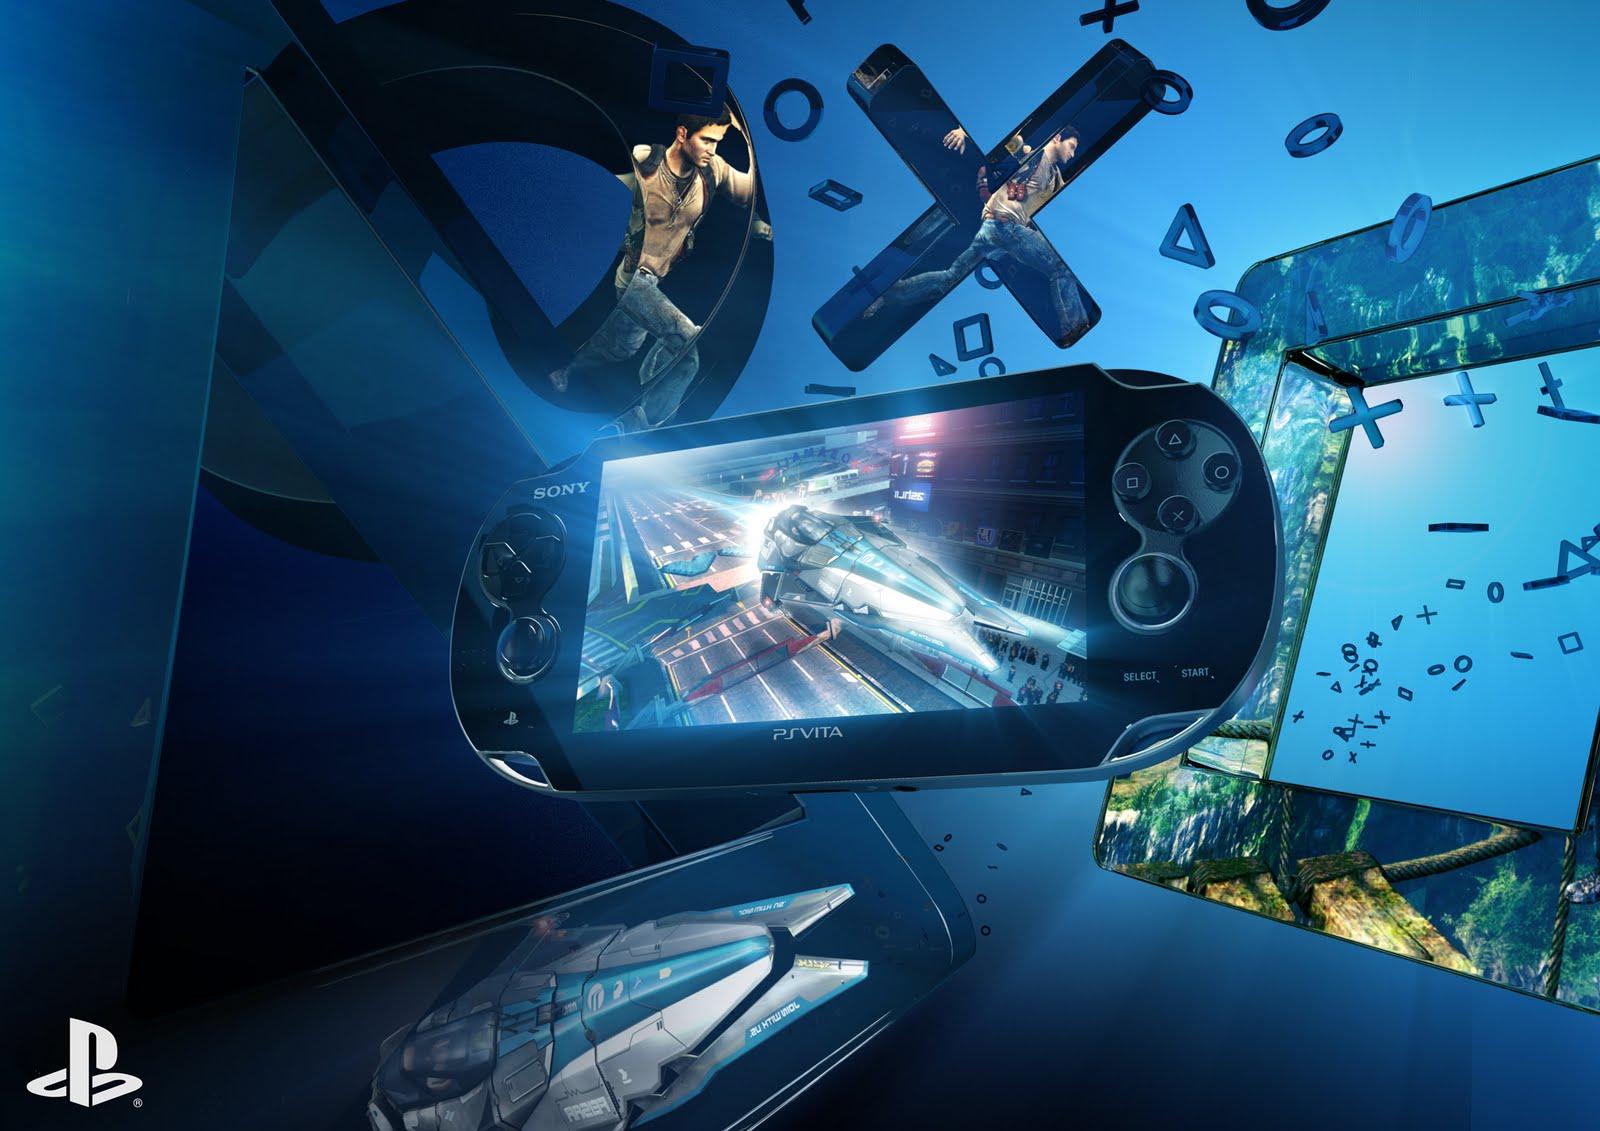 Playstation Vita, czyli czy dla dedykowanych urządzeń jest jeszcze miejsce?